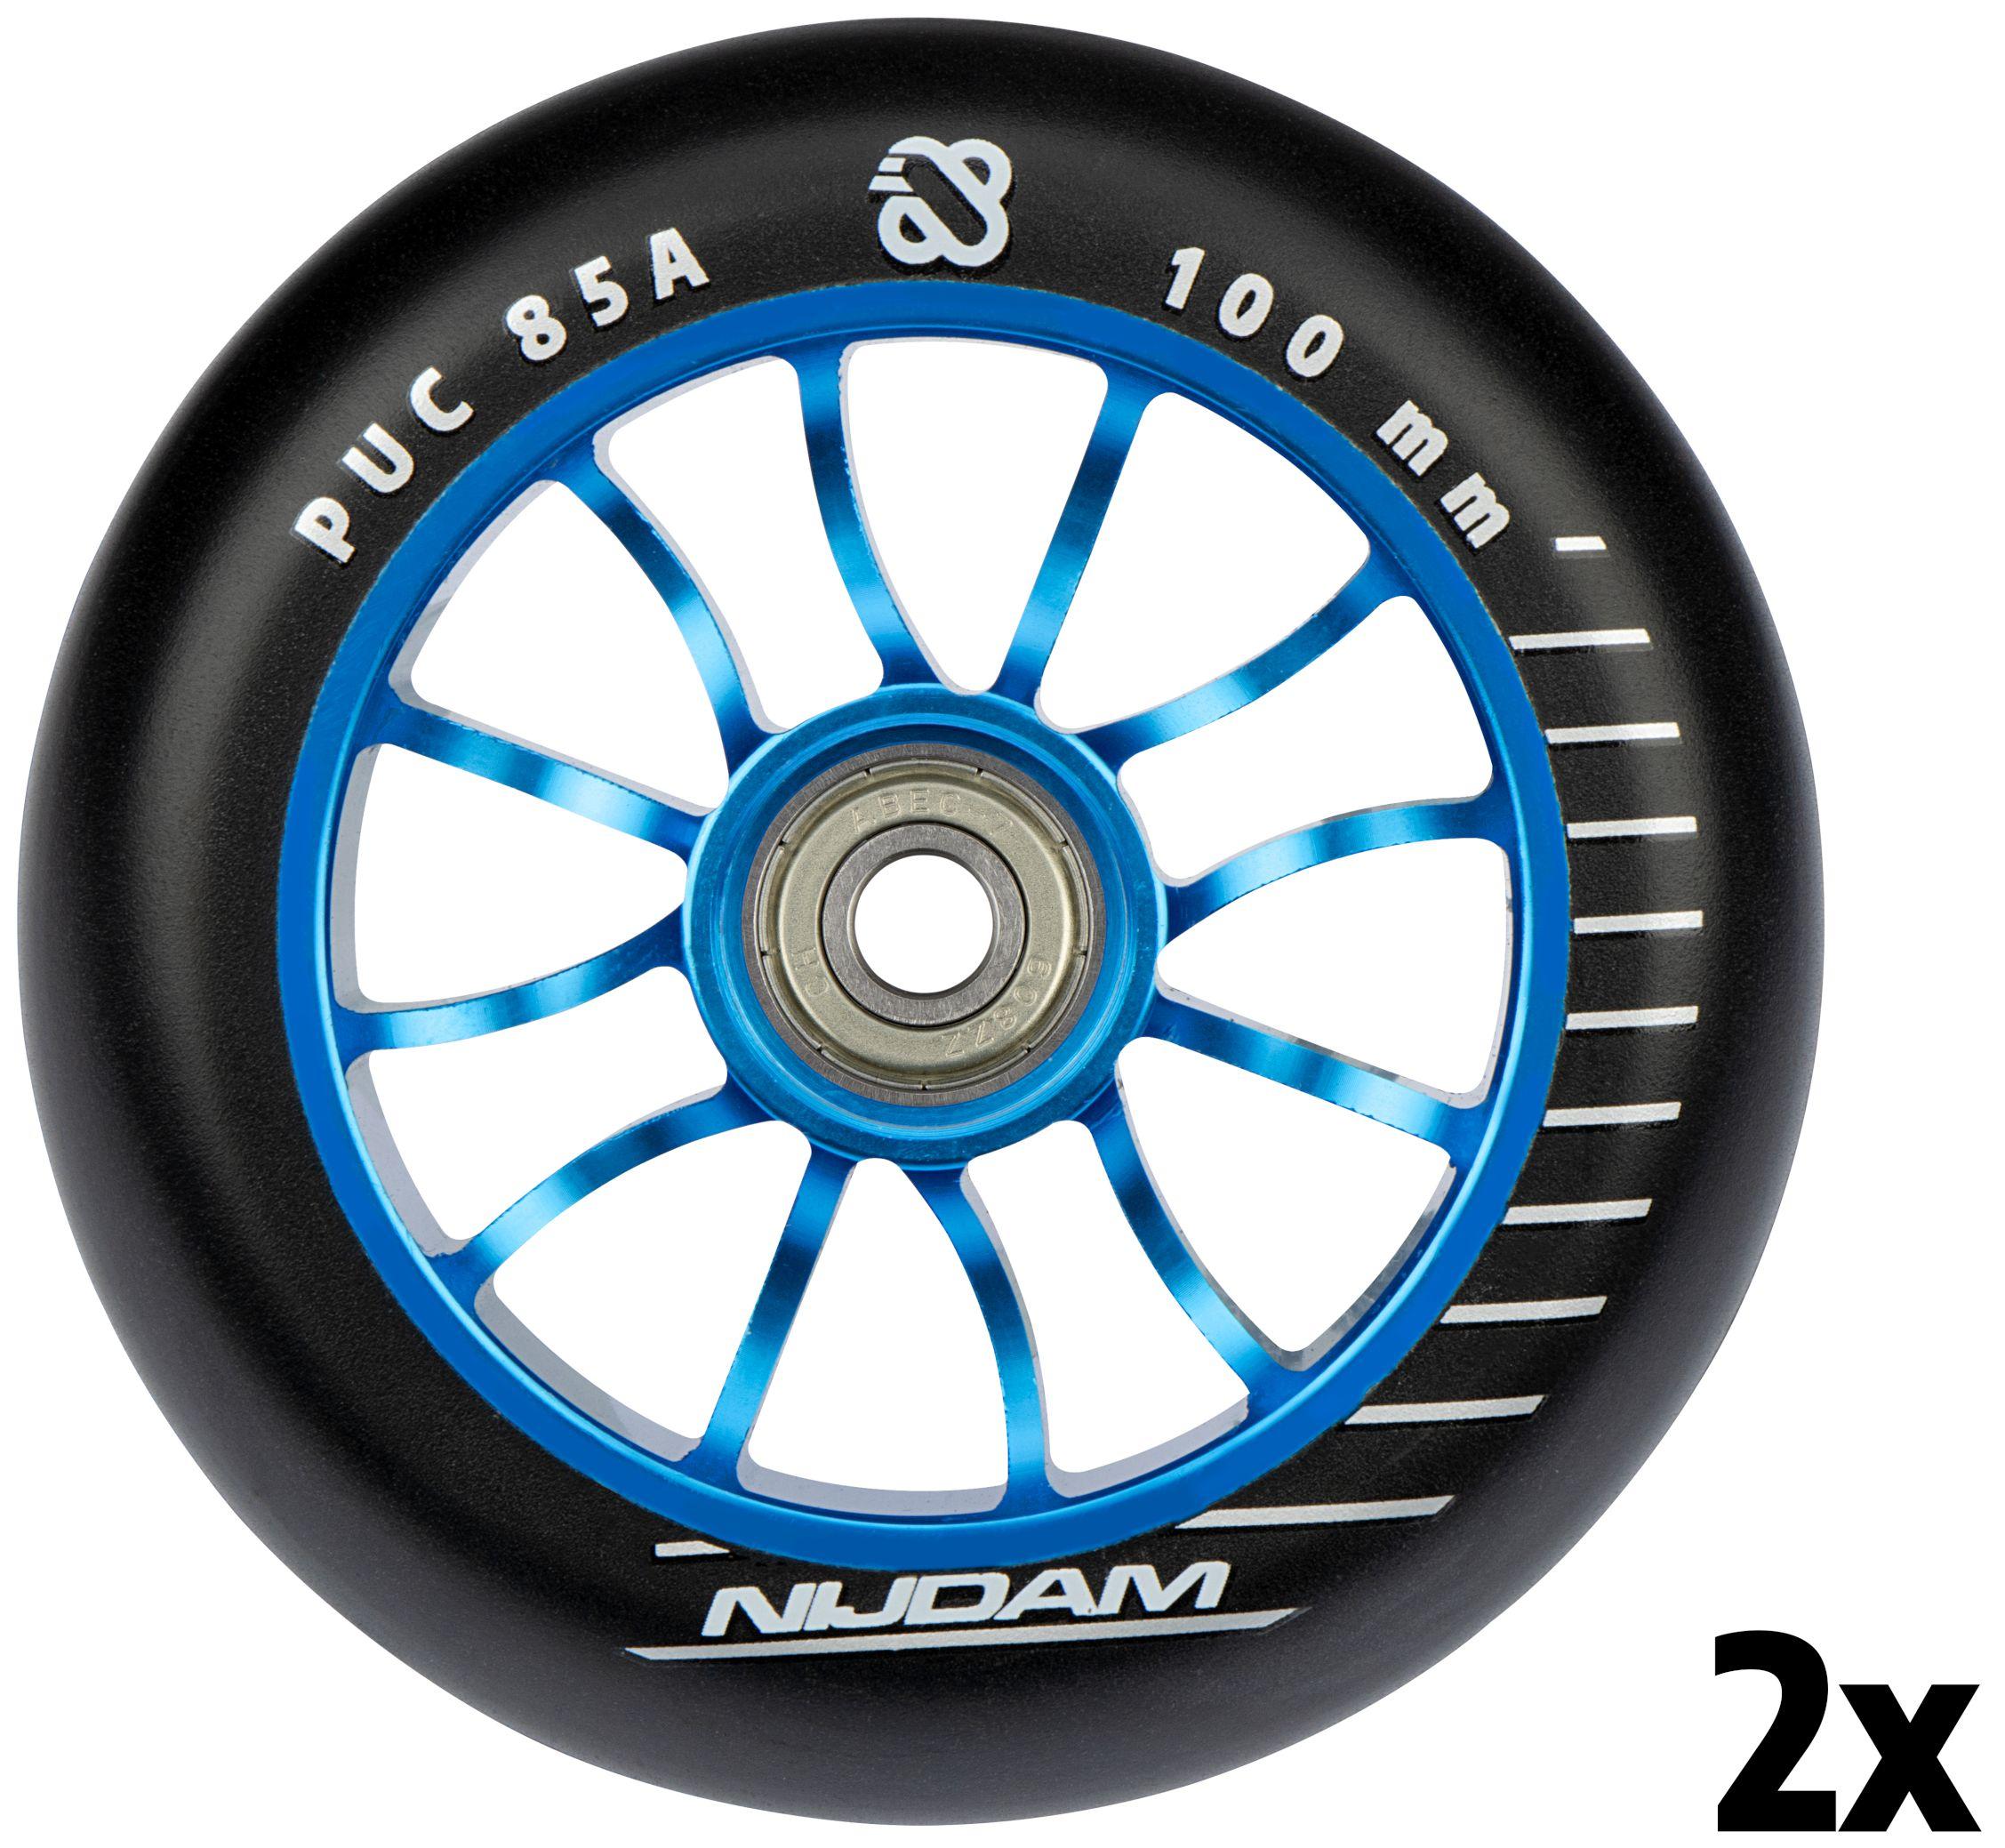 N70FD02